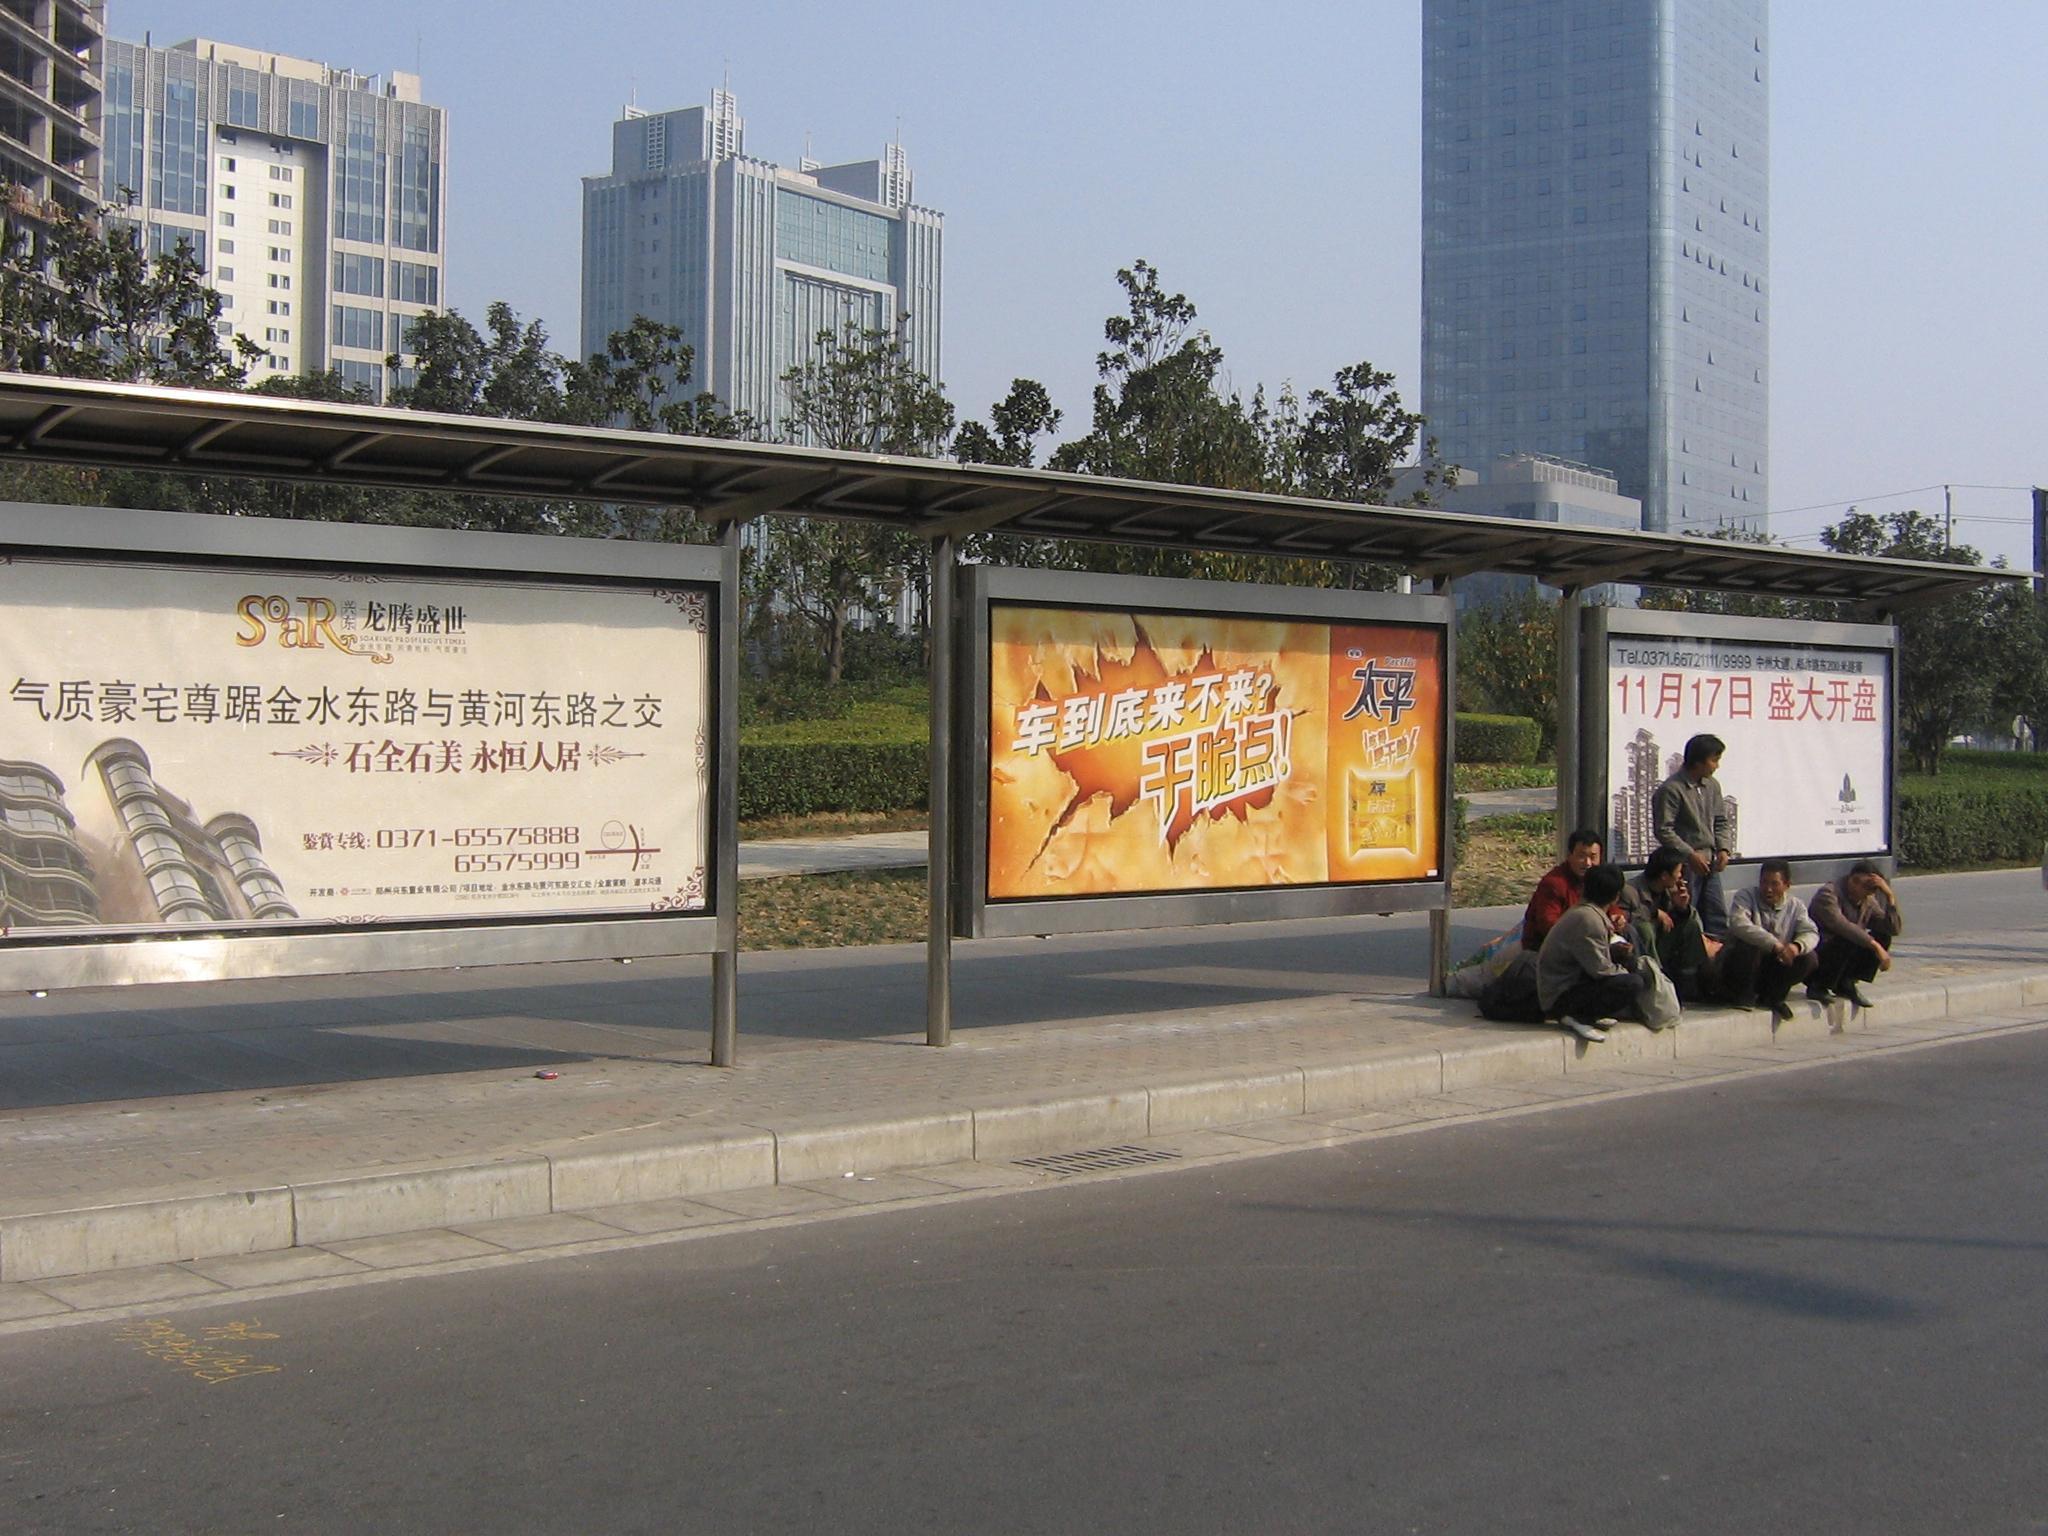 河南郑州公交候车亭保安亭售货亭路名牌_CO